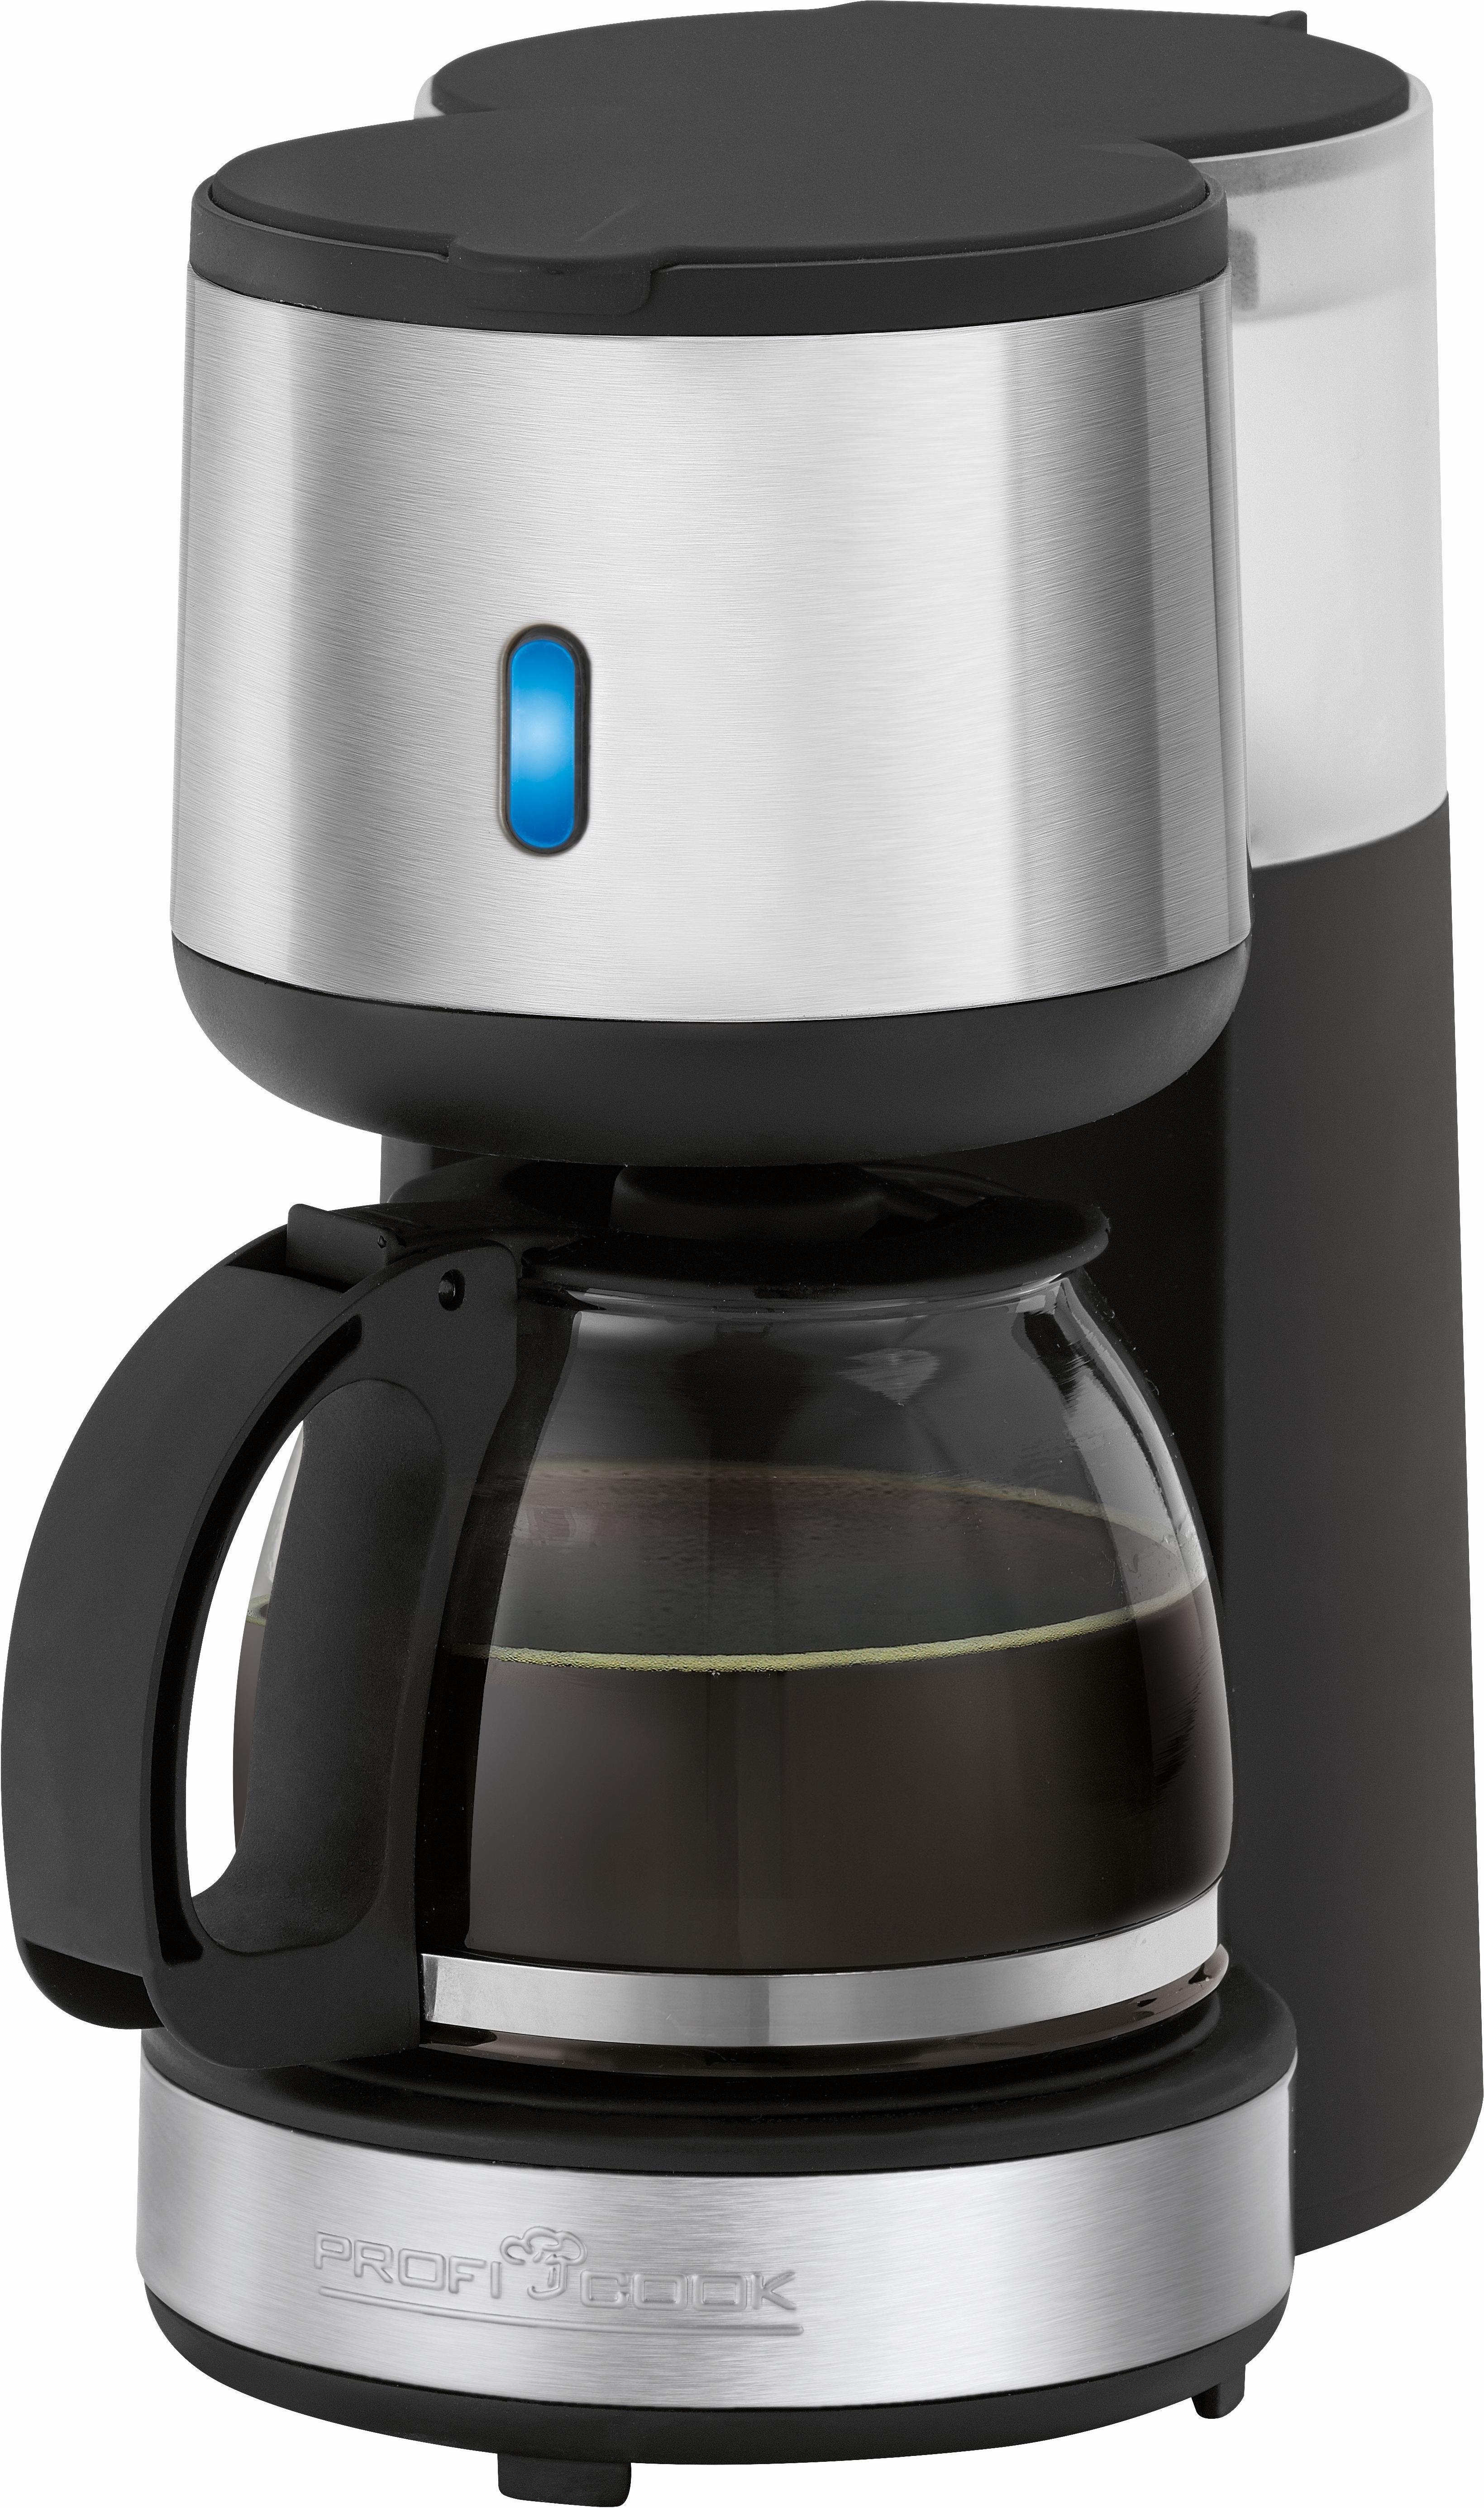 Profi Cook filterkoffieapparaat PC-KA 1121, koffiepot 0,6l, filter 1x4 bestellen: 14 dagen bedenktijd